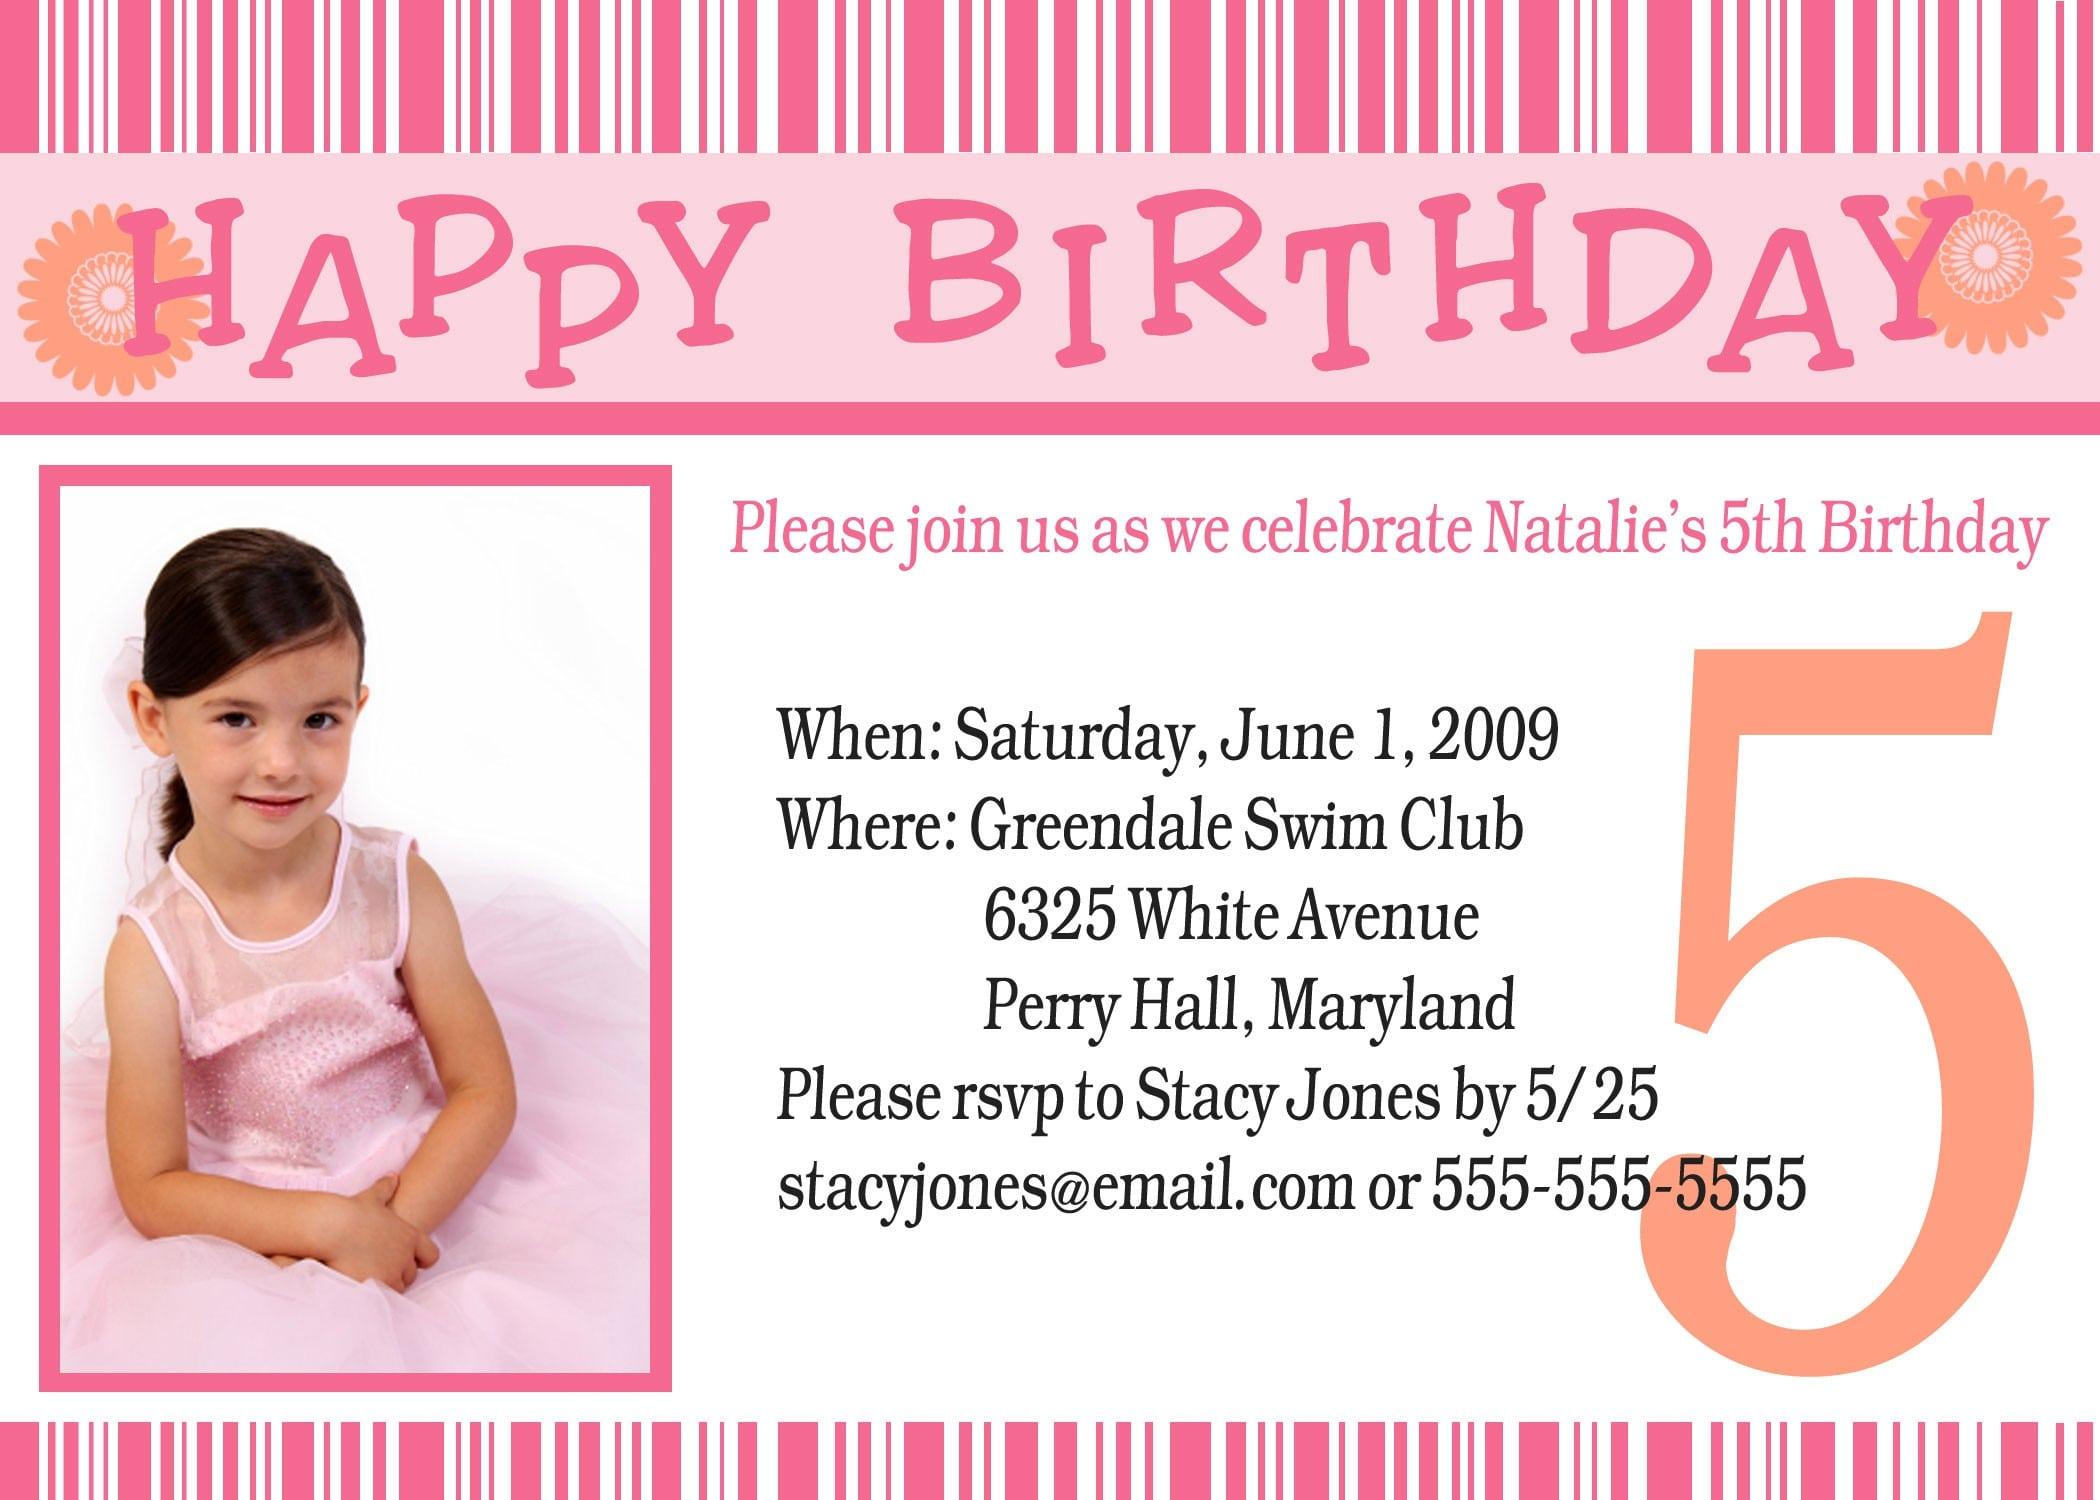 Examples Of Birthday Invitations - Sample birthday invitation hello kitty